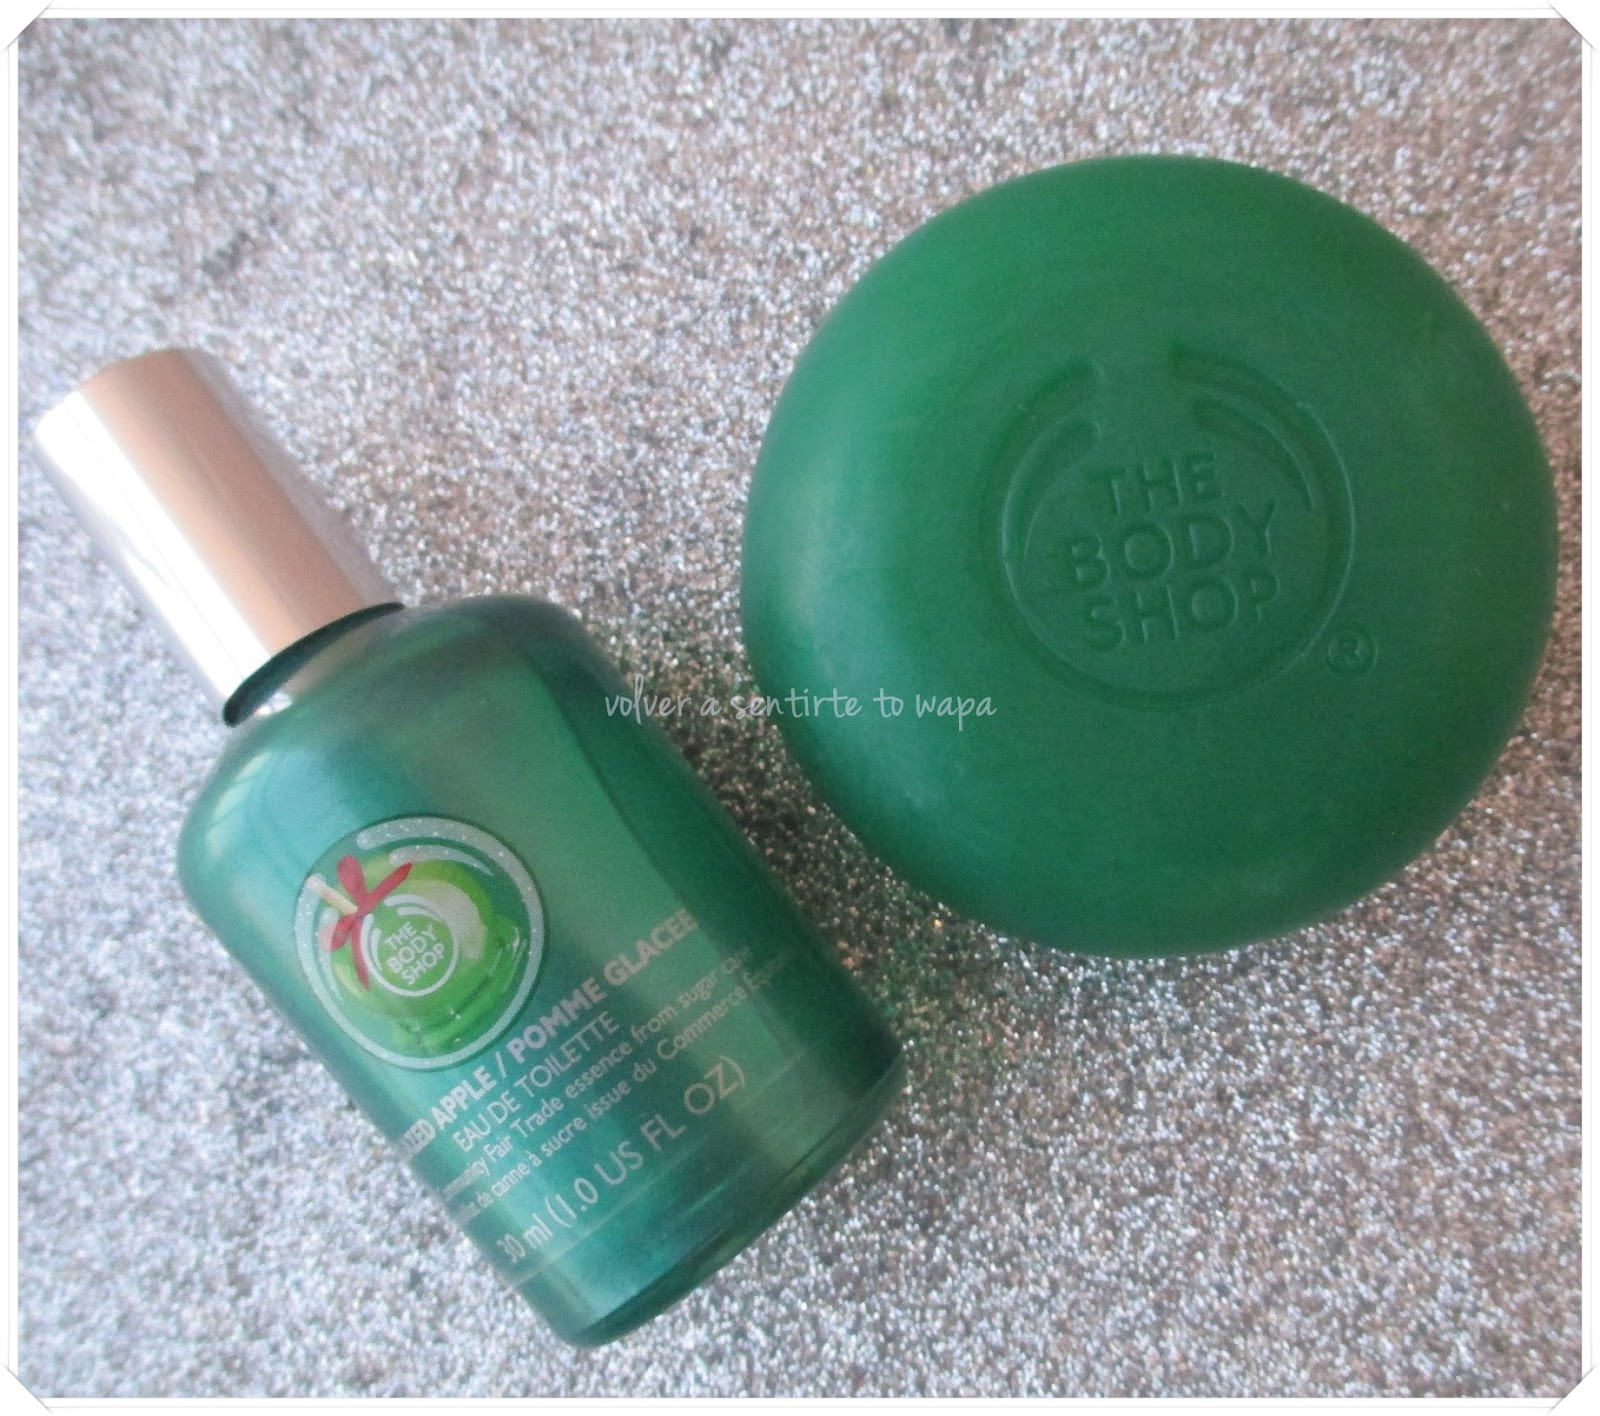 Rebajas en The Body Shop - Colonia y Jabón de Manzana Glaze